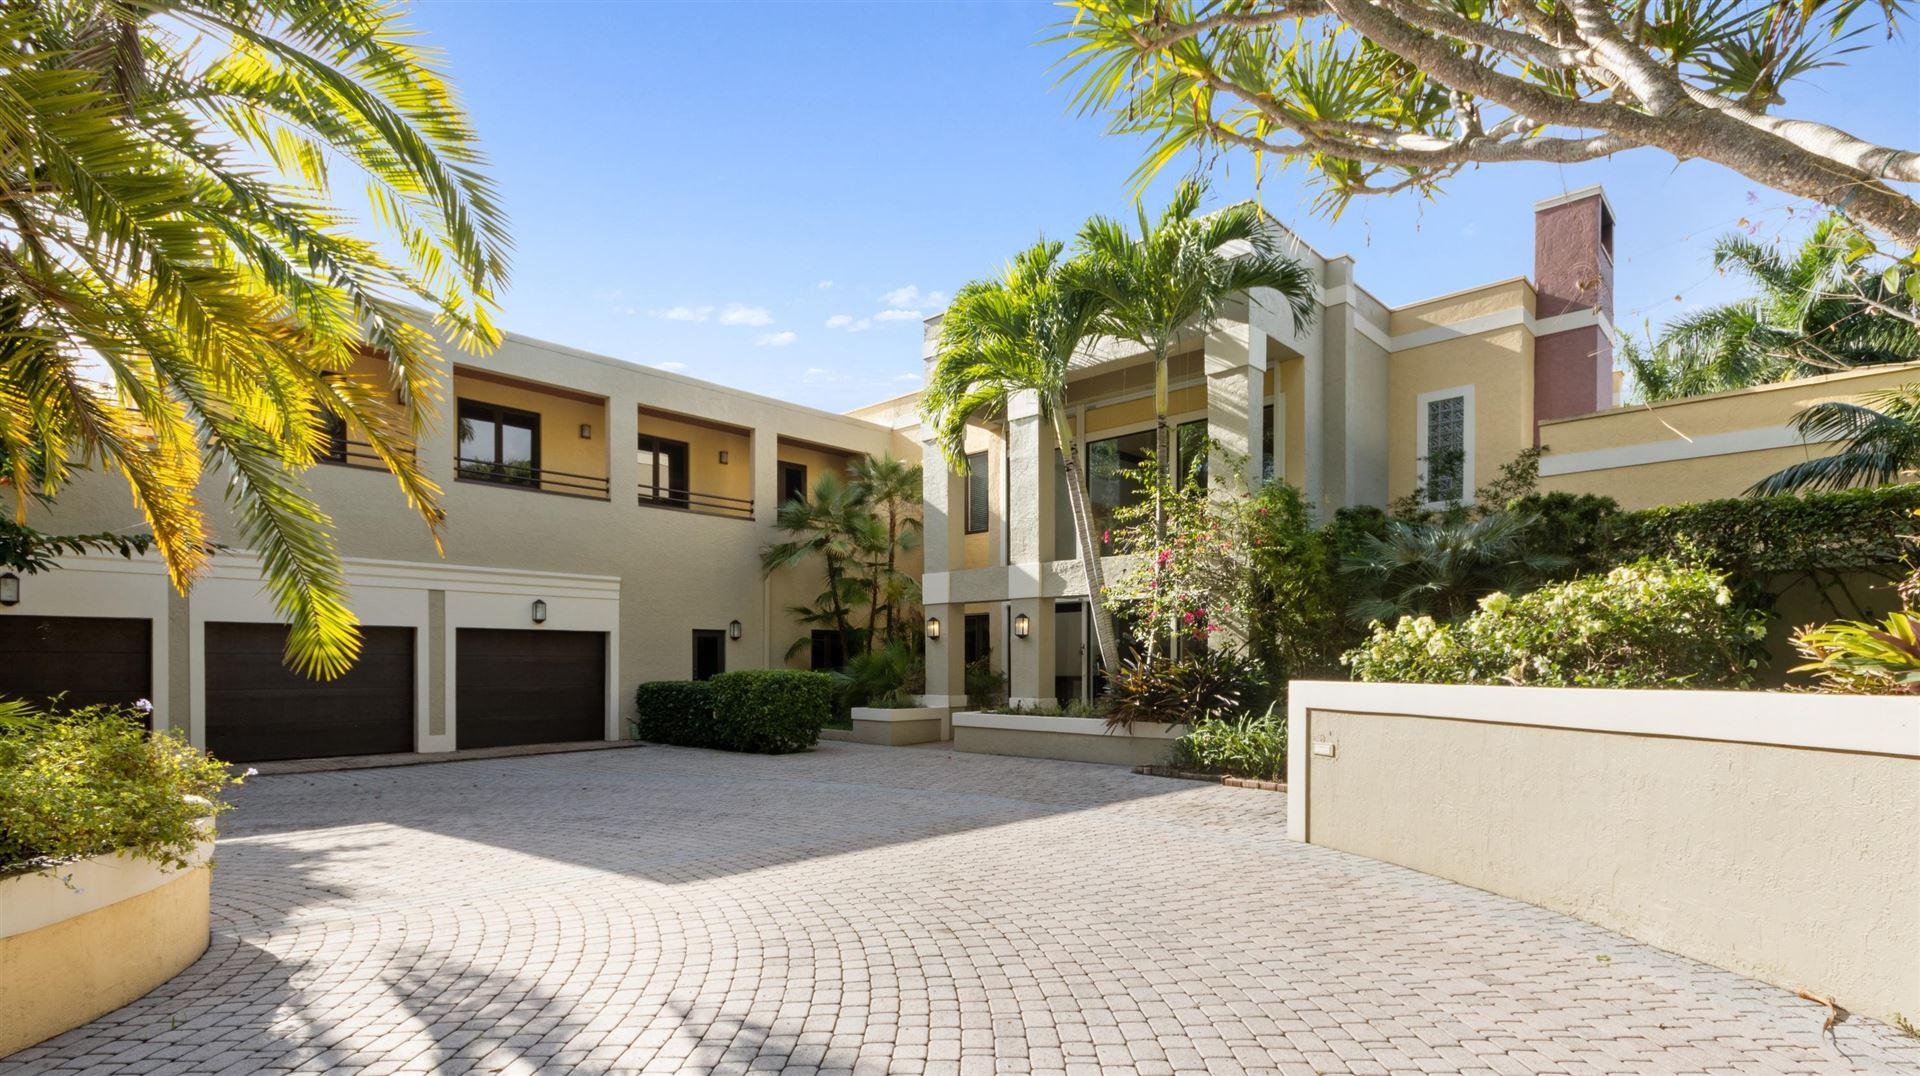 24 Ridgeland Drive, Sewalls Point, FL 34996 - #: RX-10658118